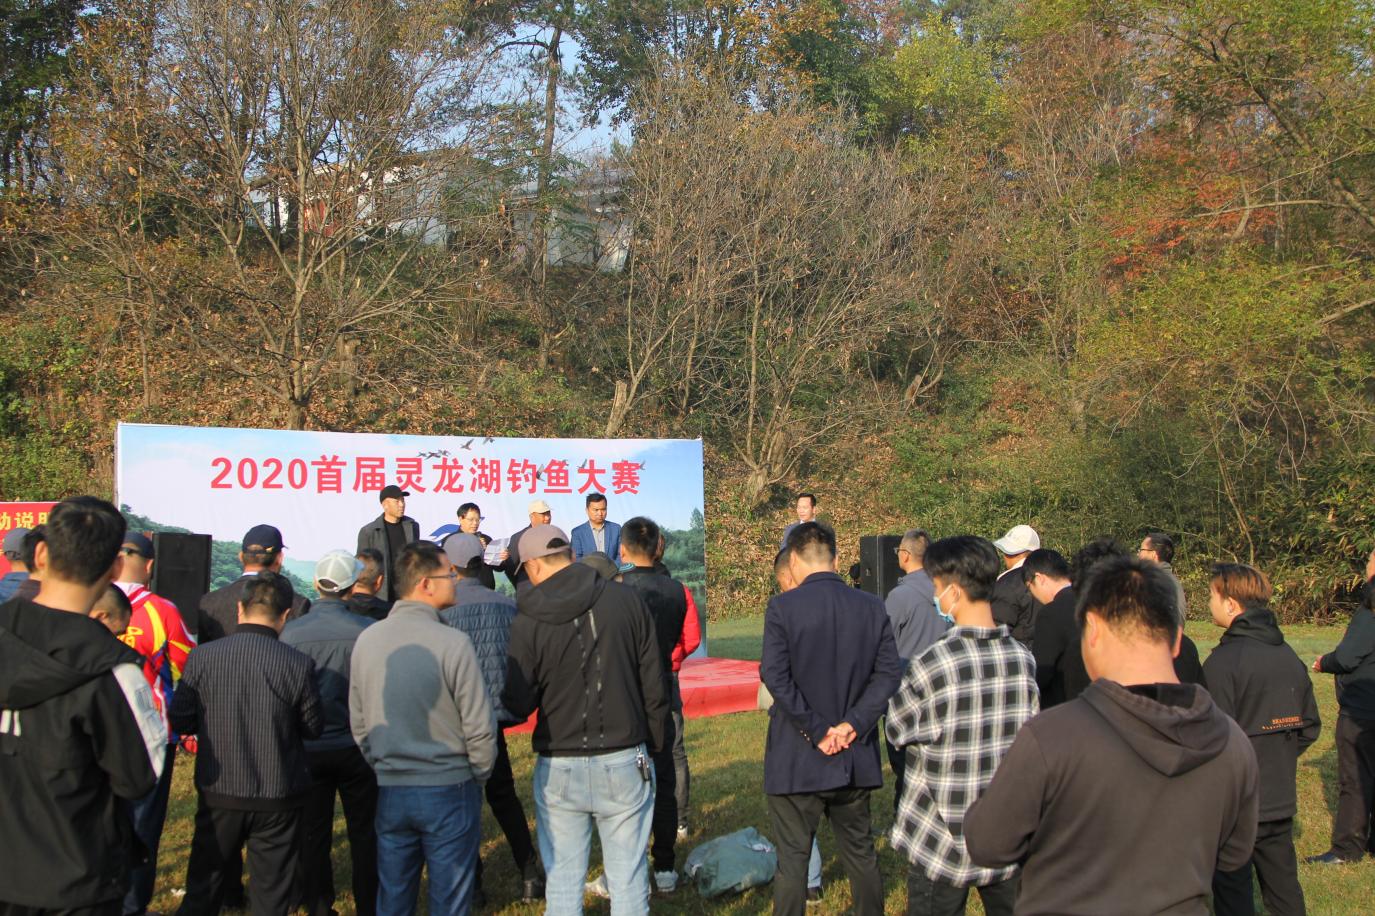 灵龙湖首届钓鱼大赛成功举办